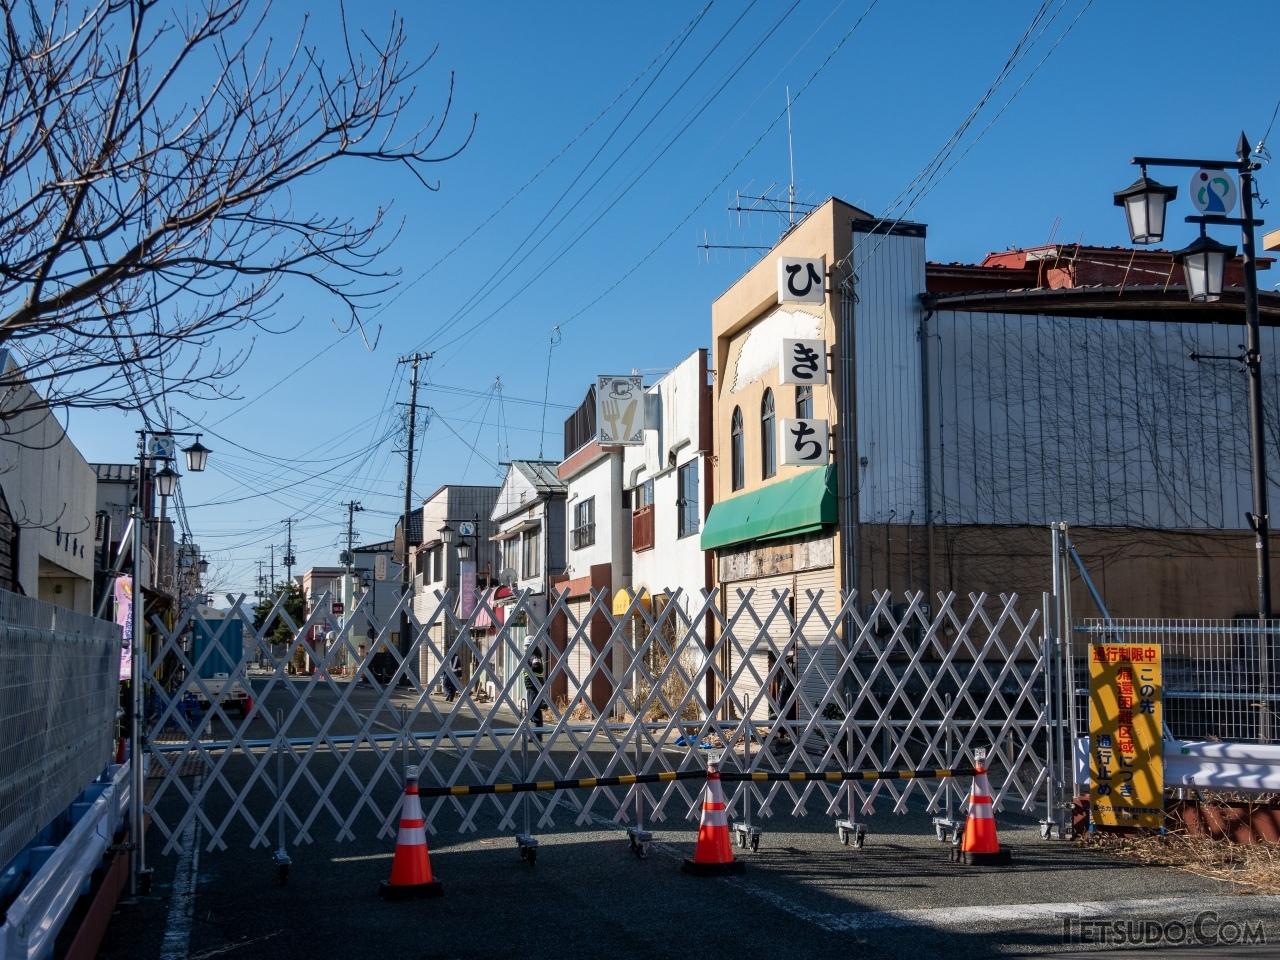 大野駅西口には昔ながらの商店街が賑わっていたが、いまだに自由に立ち入ることができない。一方で住民の帰還に向けた復興住宅の準備も着実に進んでいる